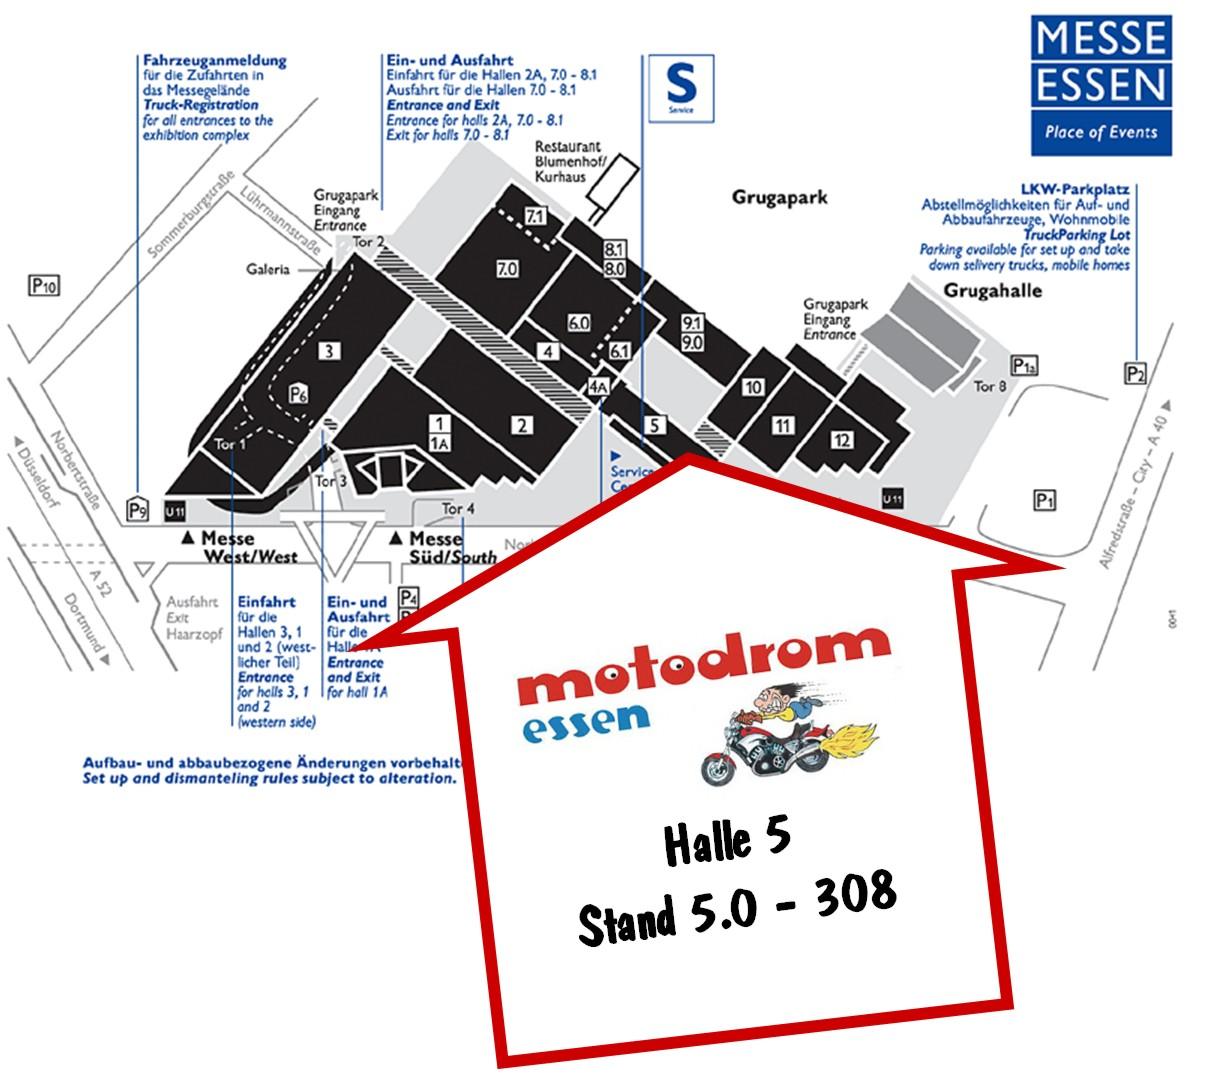 Standort des Motodrom Essen auf der Techno Classica 2012